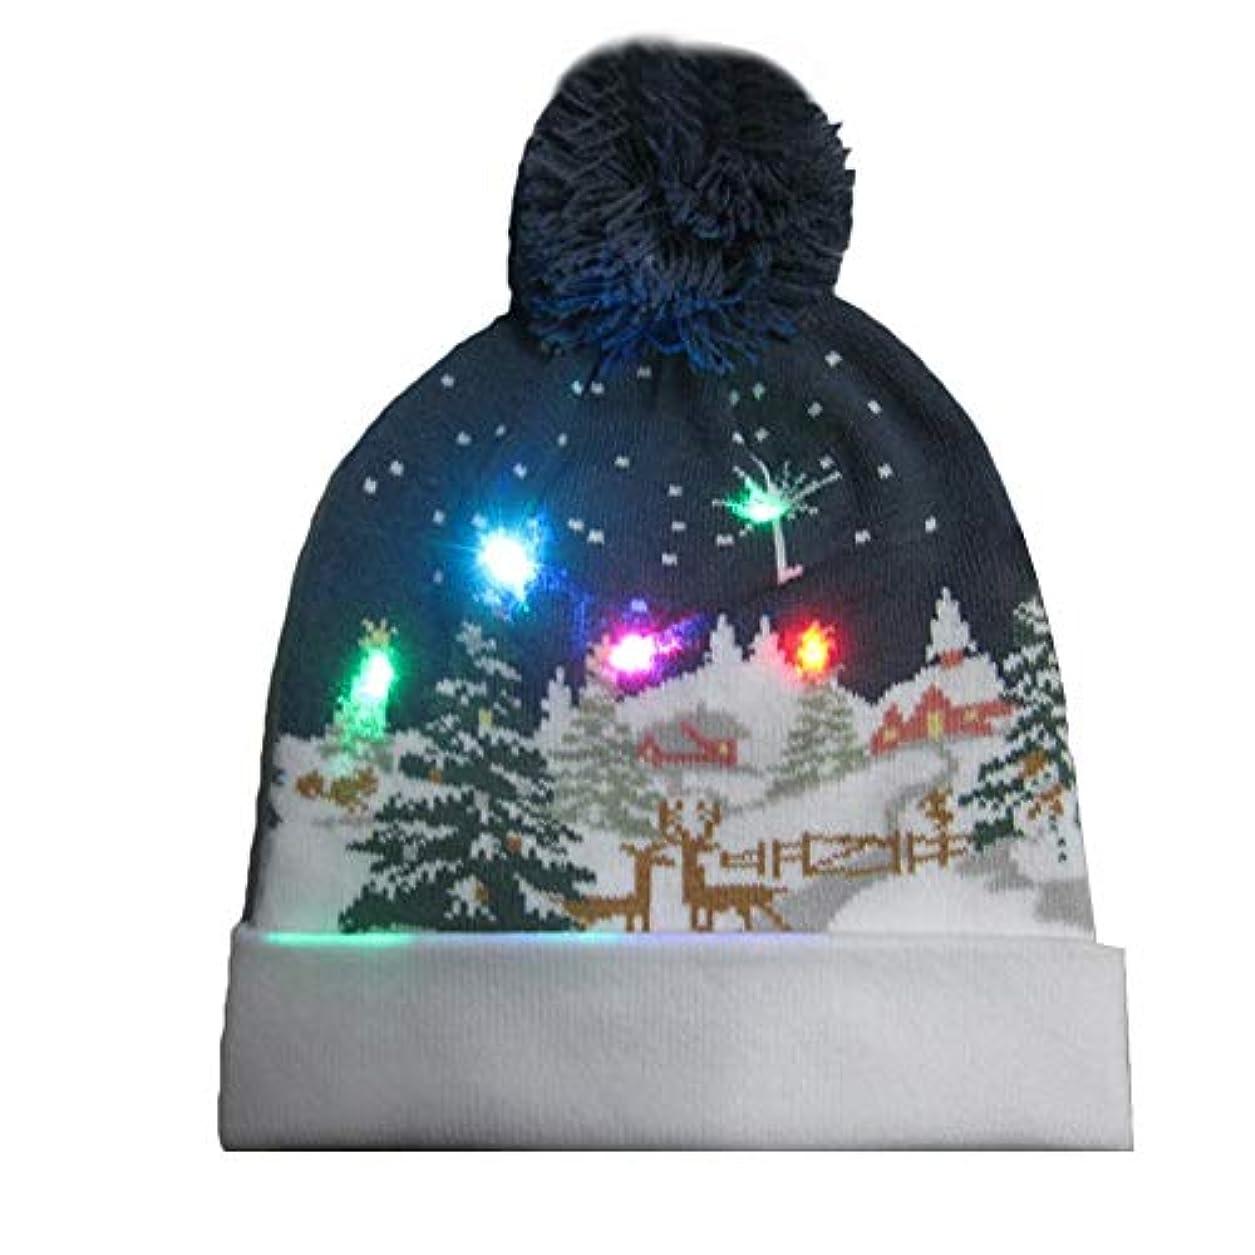 一般的な契約すばらしいですクリスマス帽子 編み帽子 防風防寒 耳保護 暖か ニット帽 コスチューム用 可愛い 寒い対応 子供/女の子